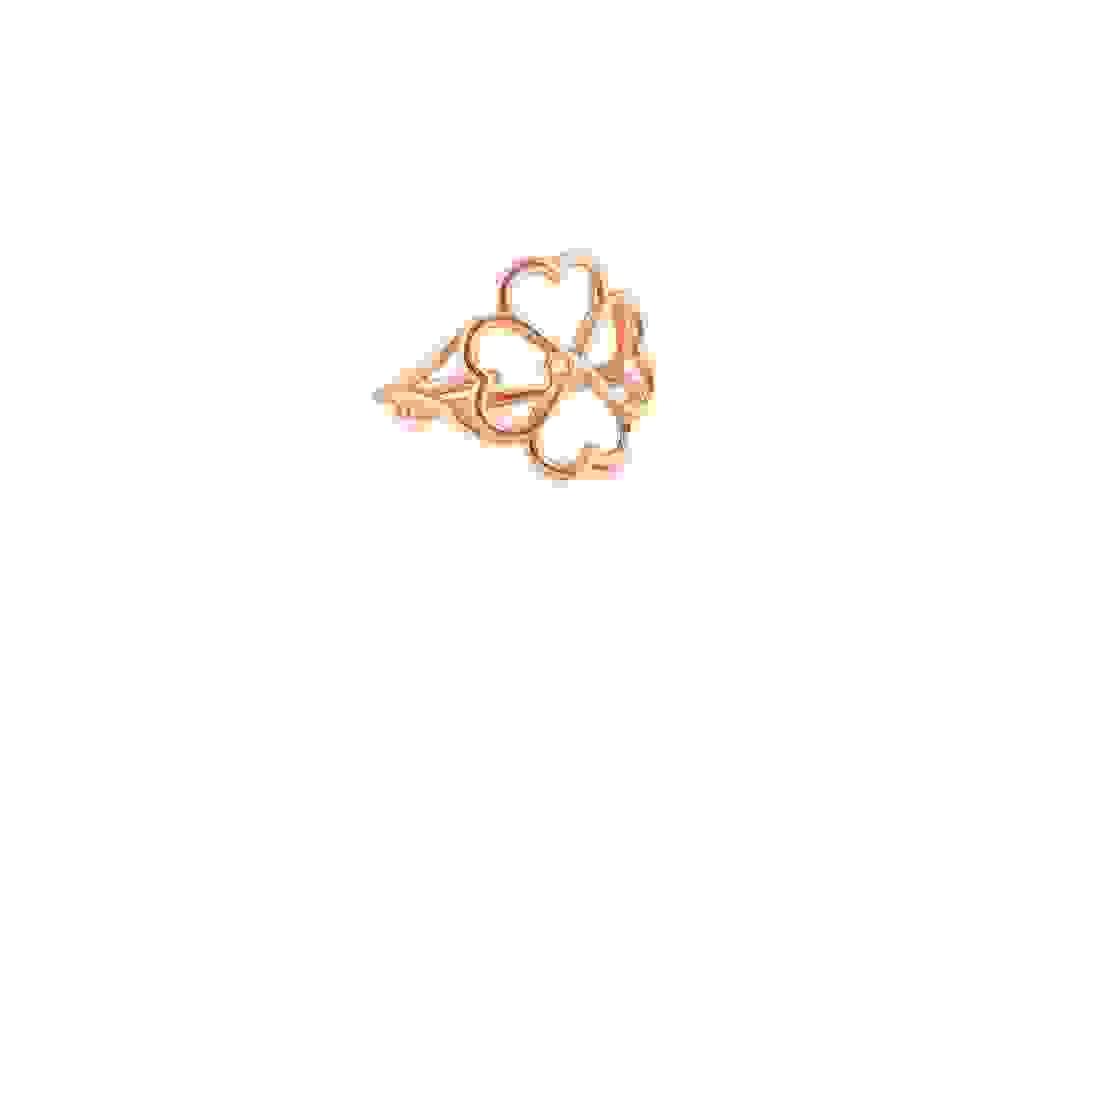 Anello donna gioielli jackco fil rouge jcr0338